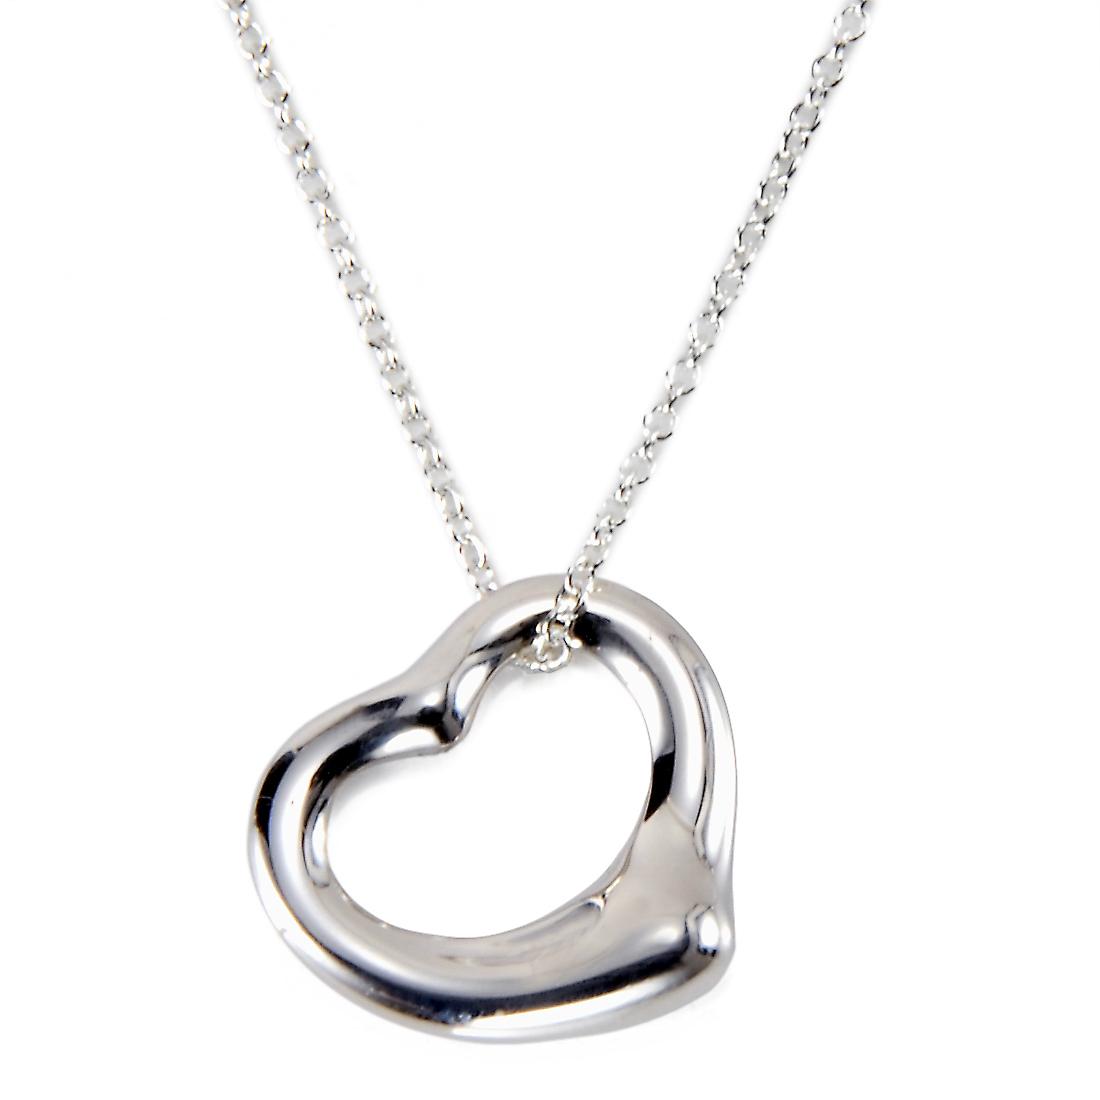 ティファニー Tiffany&Co. ネックレス レディース Open Heart オープン ハート ペンダント シルバー